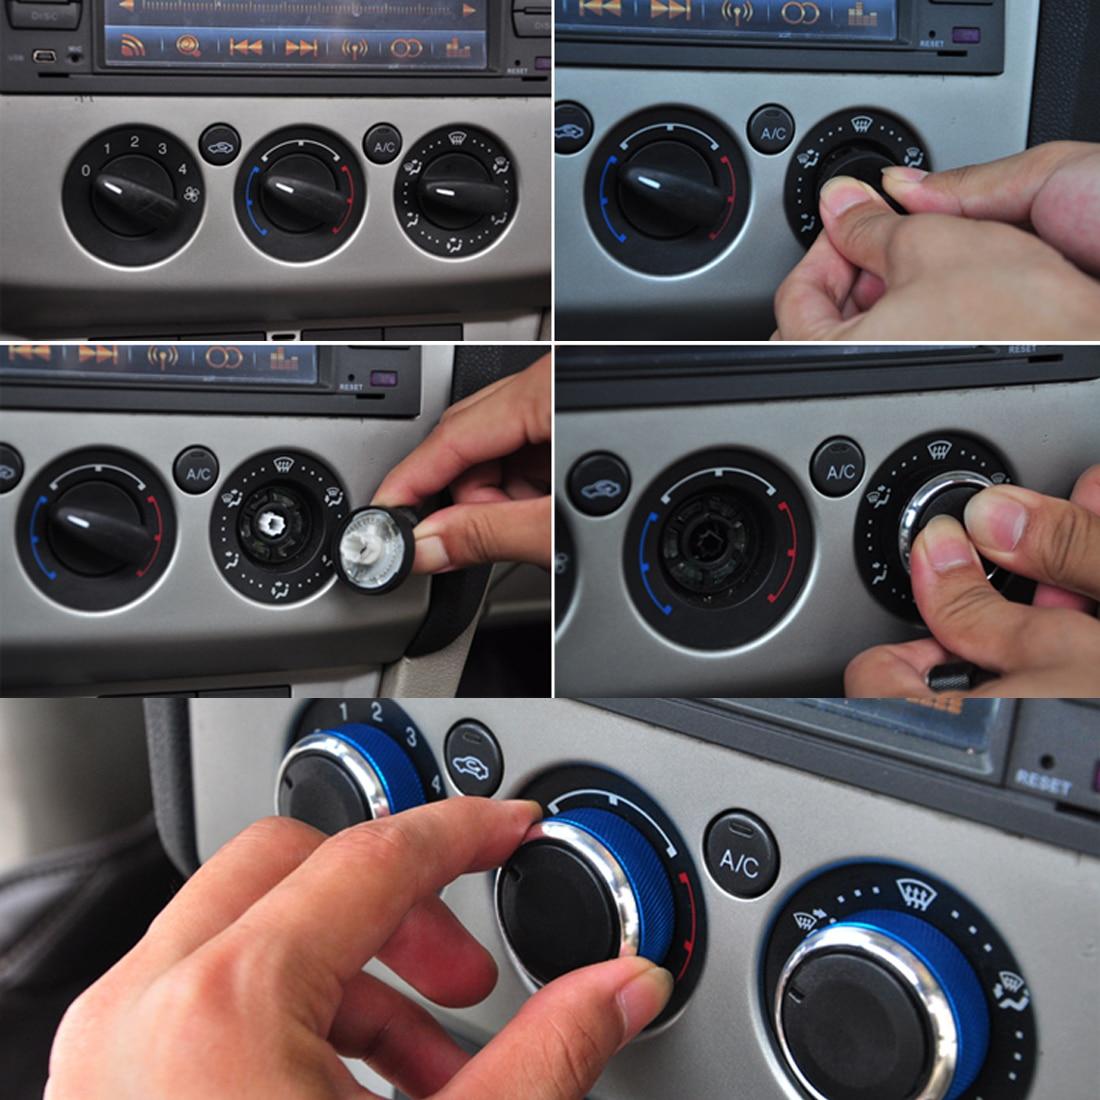 Dewtreetali 3 sztuk/partia dla FORD FOCUS Mondeo przełącznik klimatyzacji pokrętło klimatyzacji kontrola ciepła samochodu pokrywa dla focus 2 focus 3